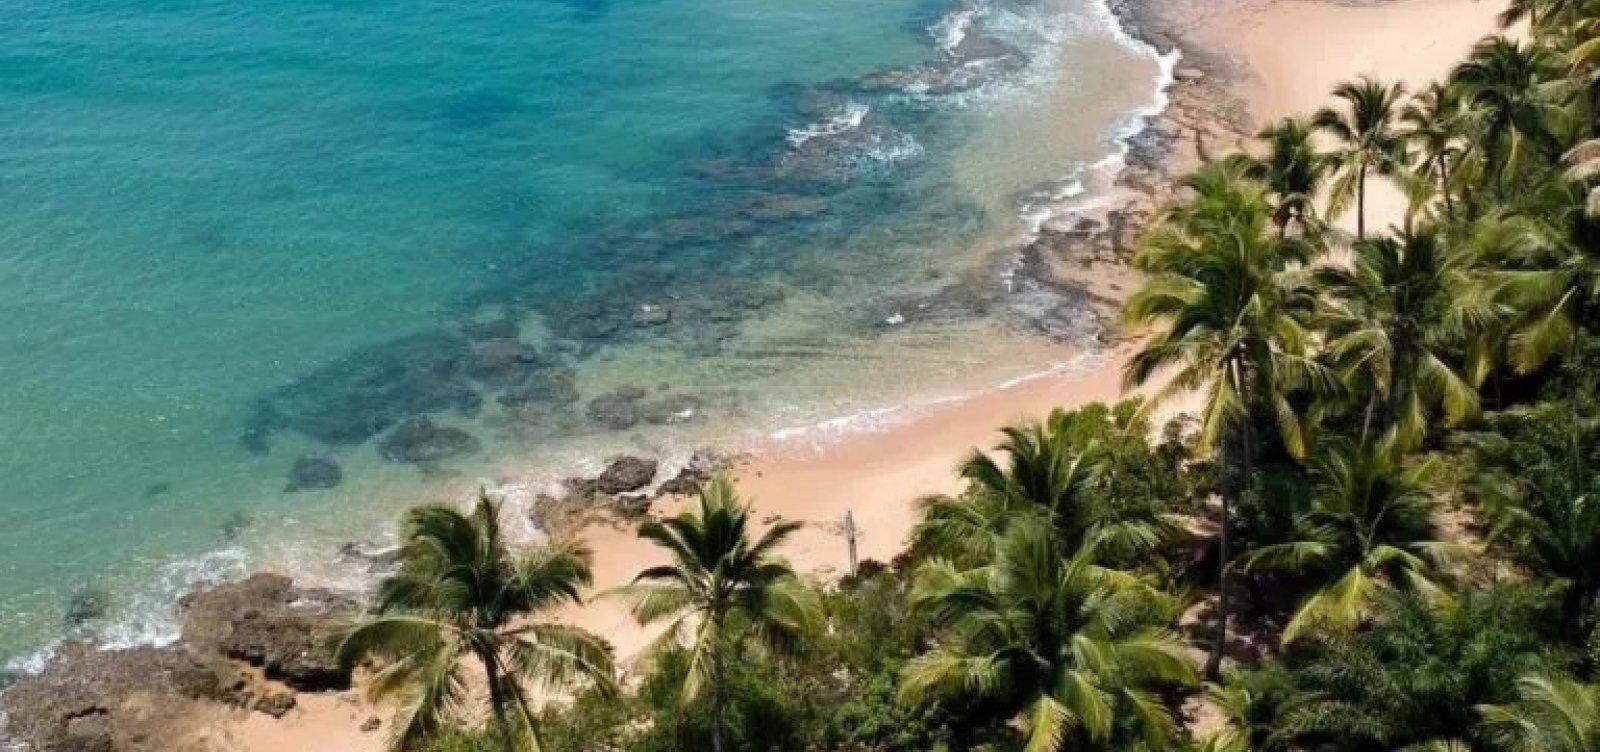 [Praias da Península de Maraú estão limpas, diz prefeitura]